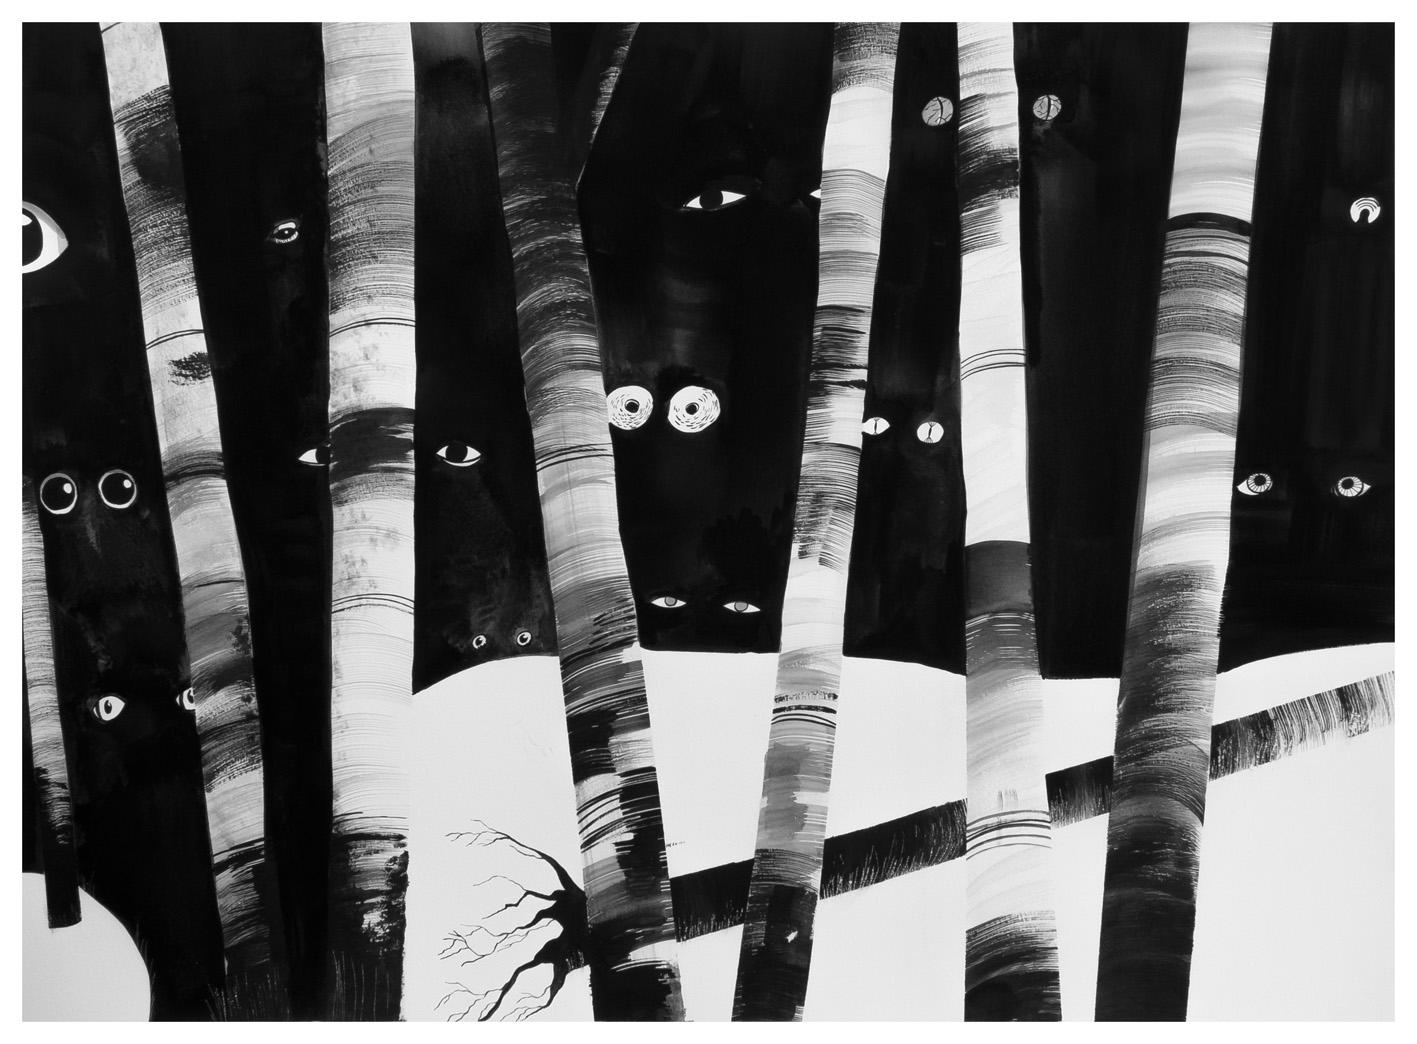 """Chiara Dattola, """"Nell'oscurità"""", inchiostro su carta, 2015"""